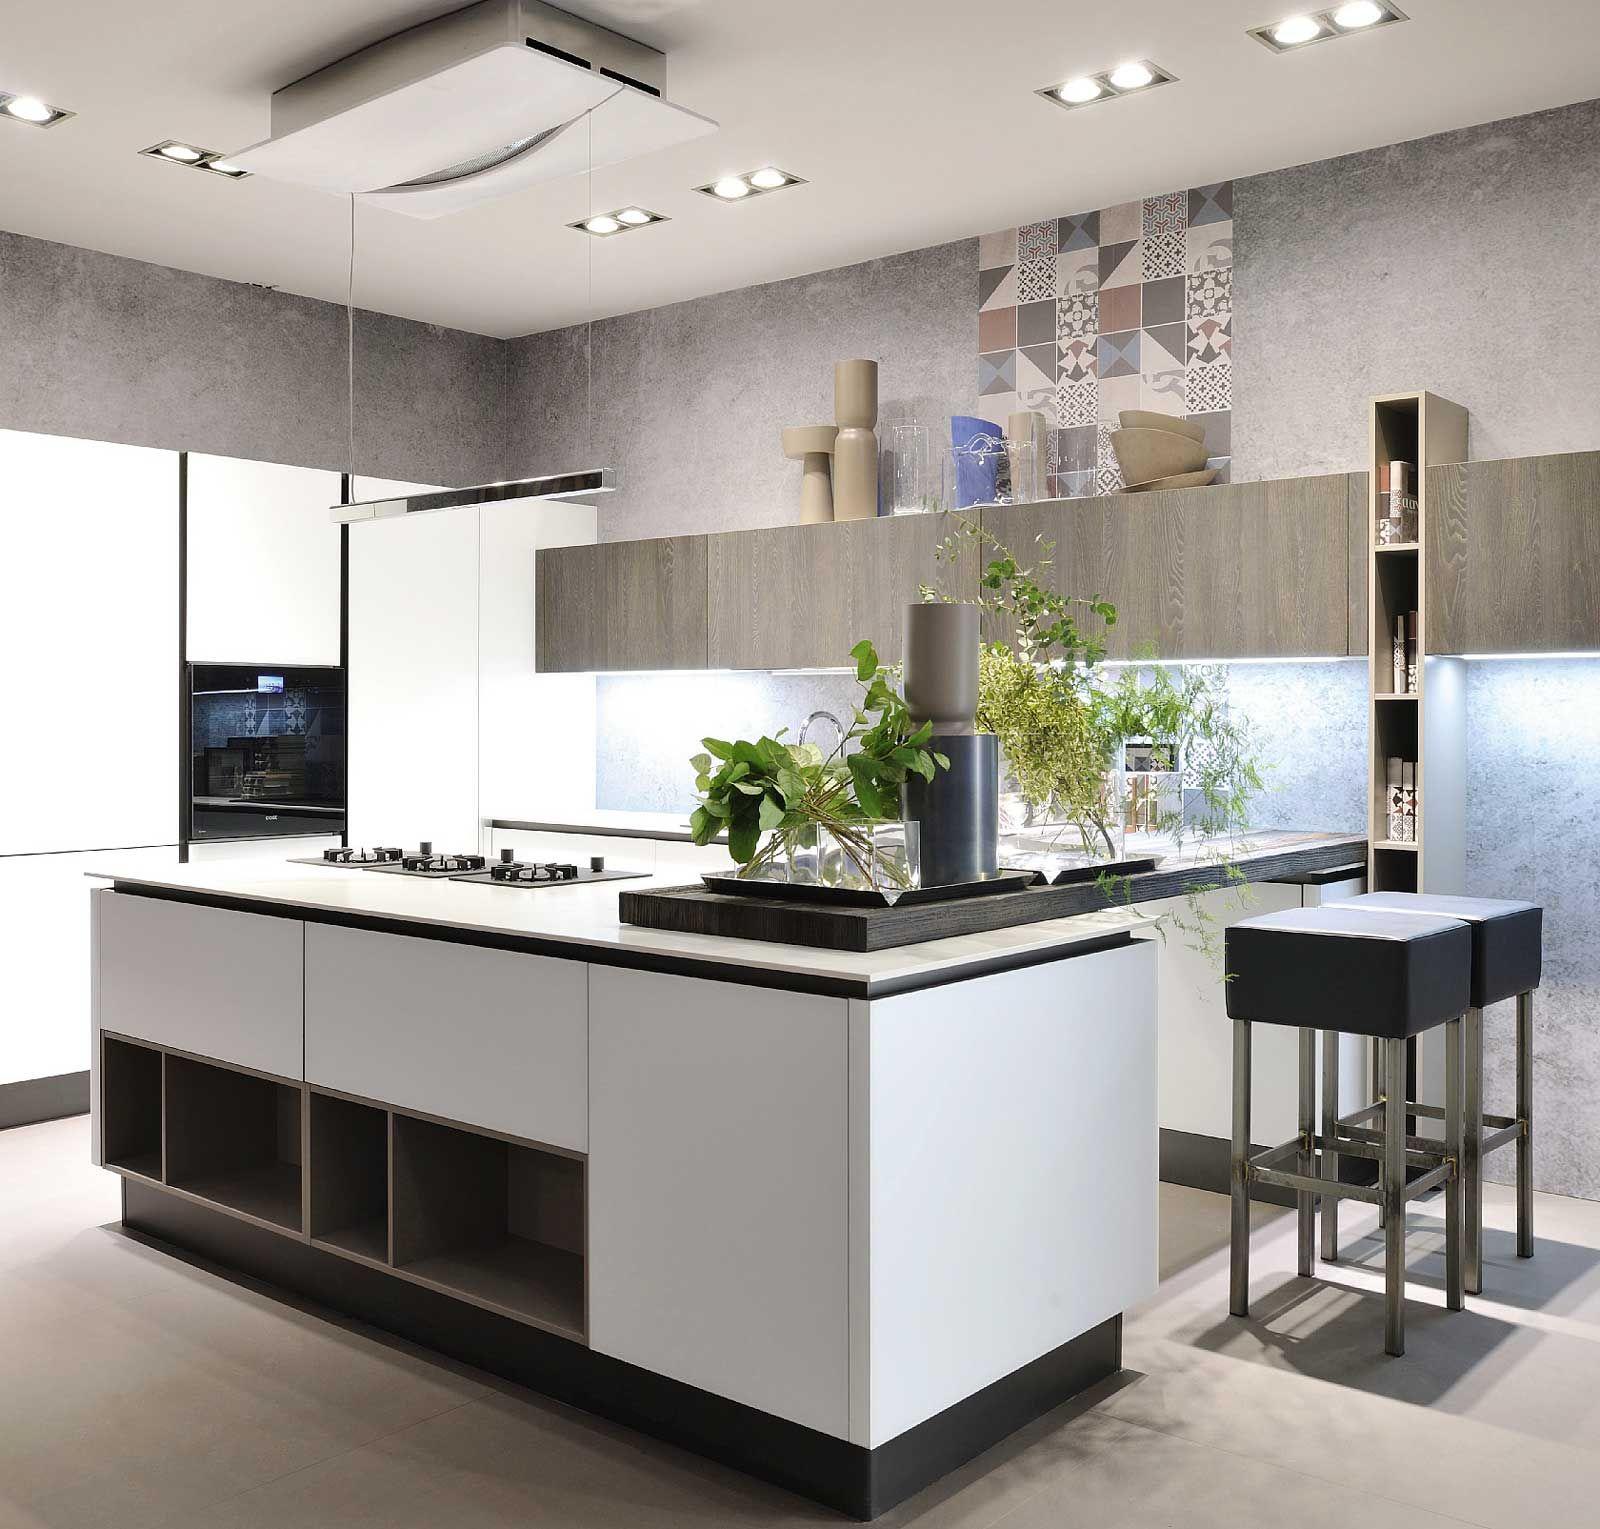 Progettare bene la cucina. Per aspiranti chef | Superficie di lavoro ...